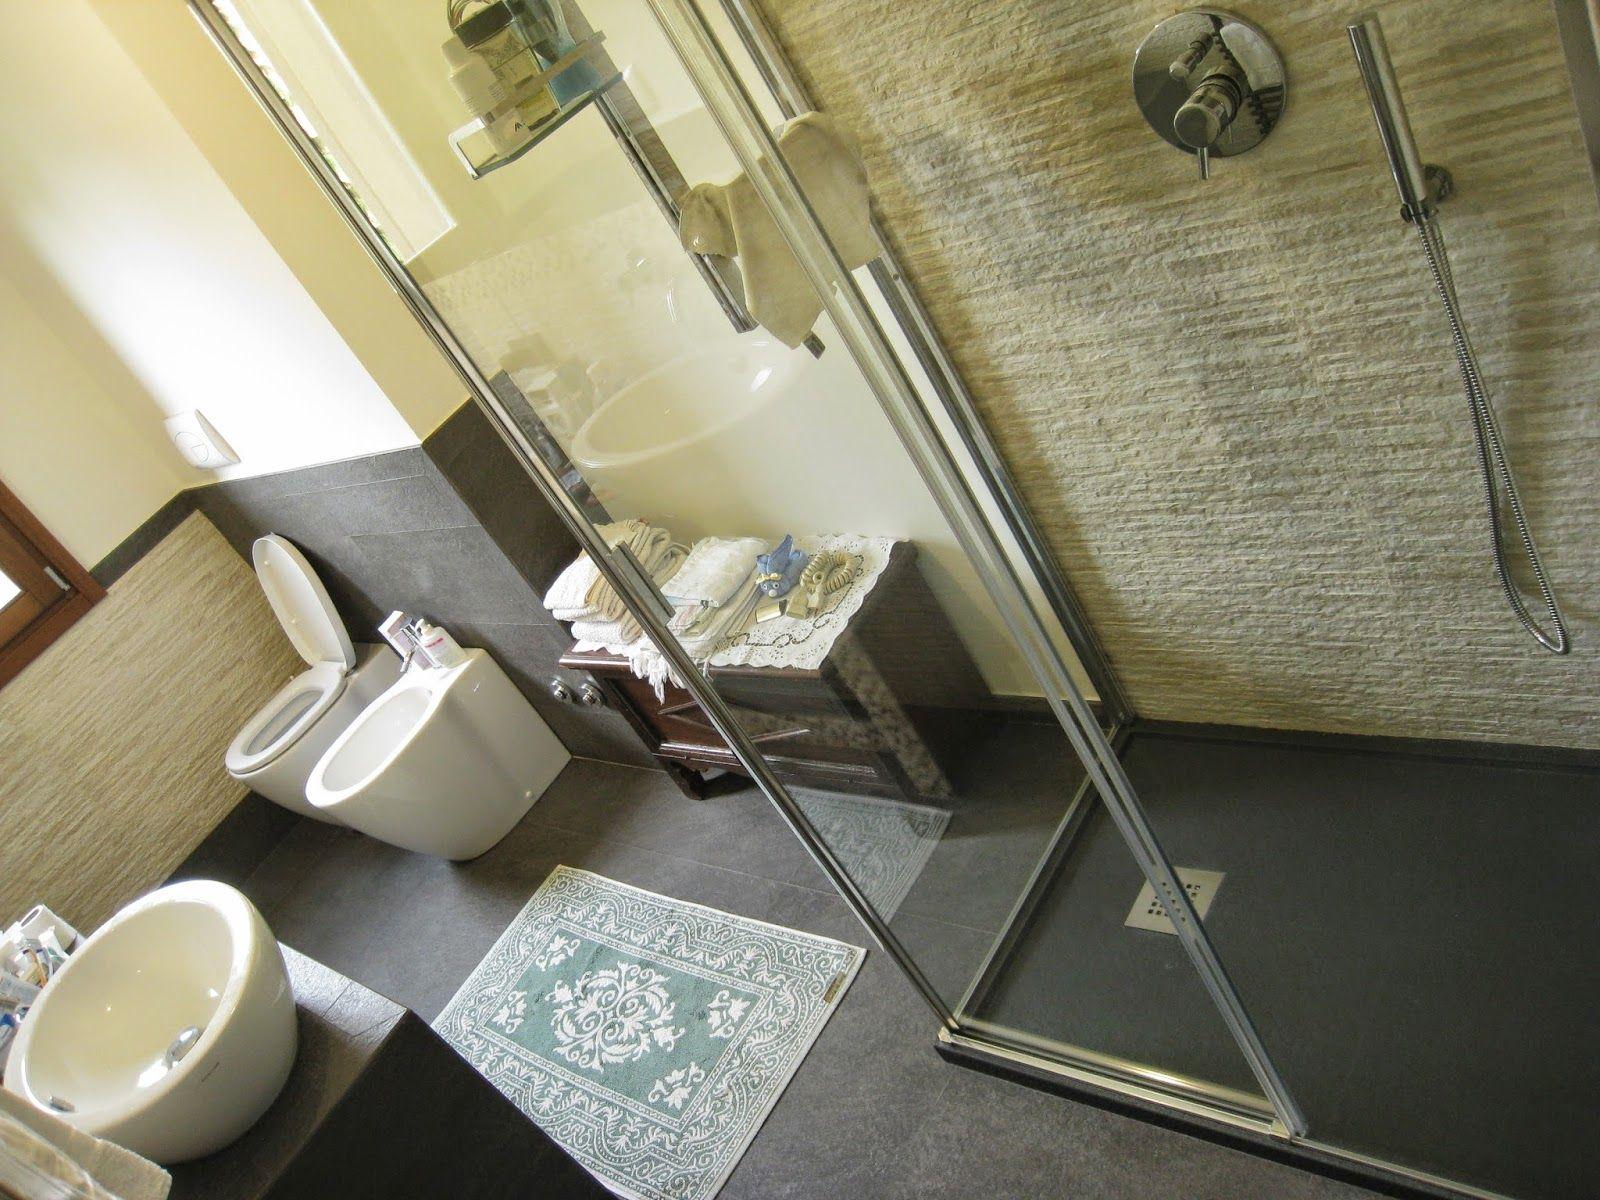 ristrutturare bagno piccolo - Cerca con Google | bagno | Pinterest ...